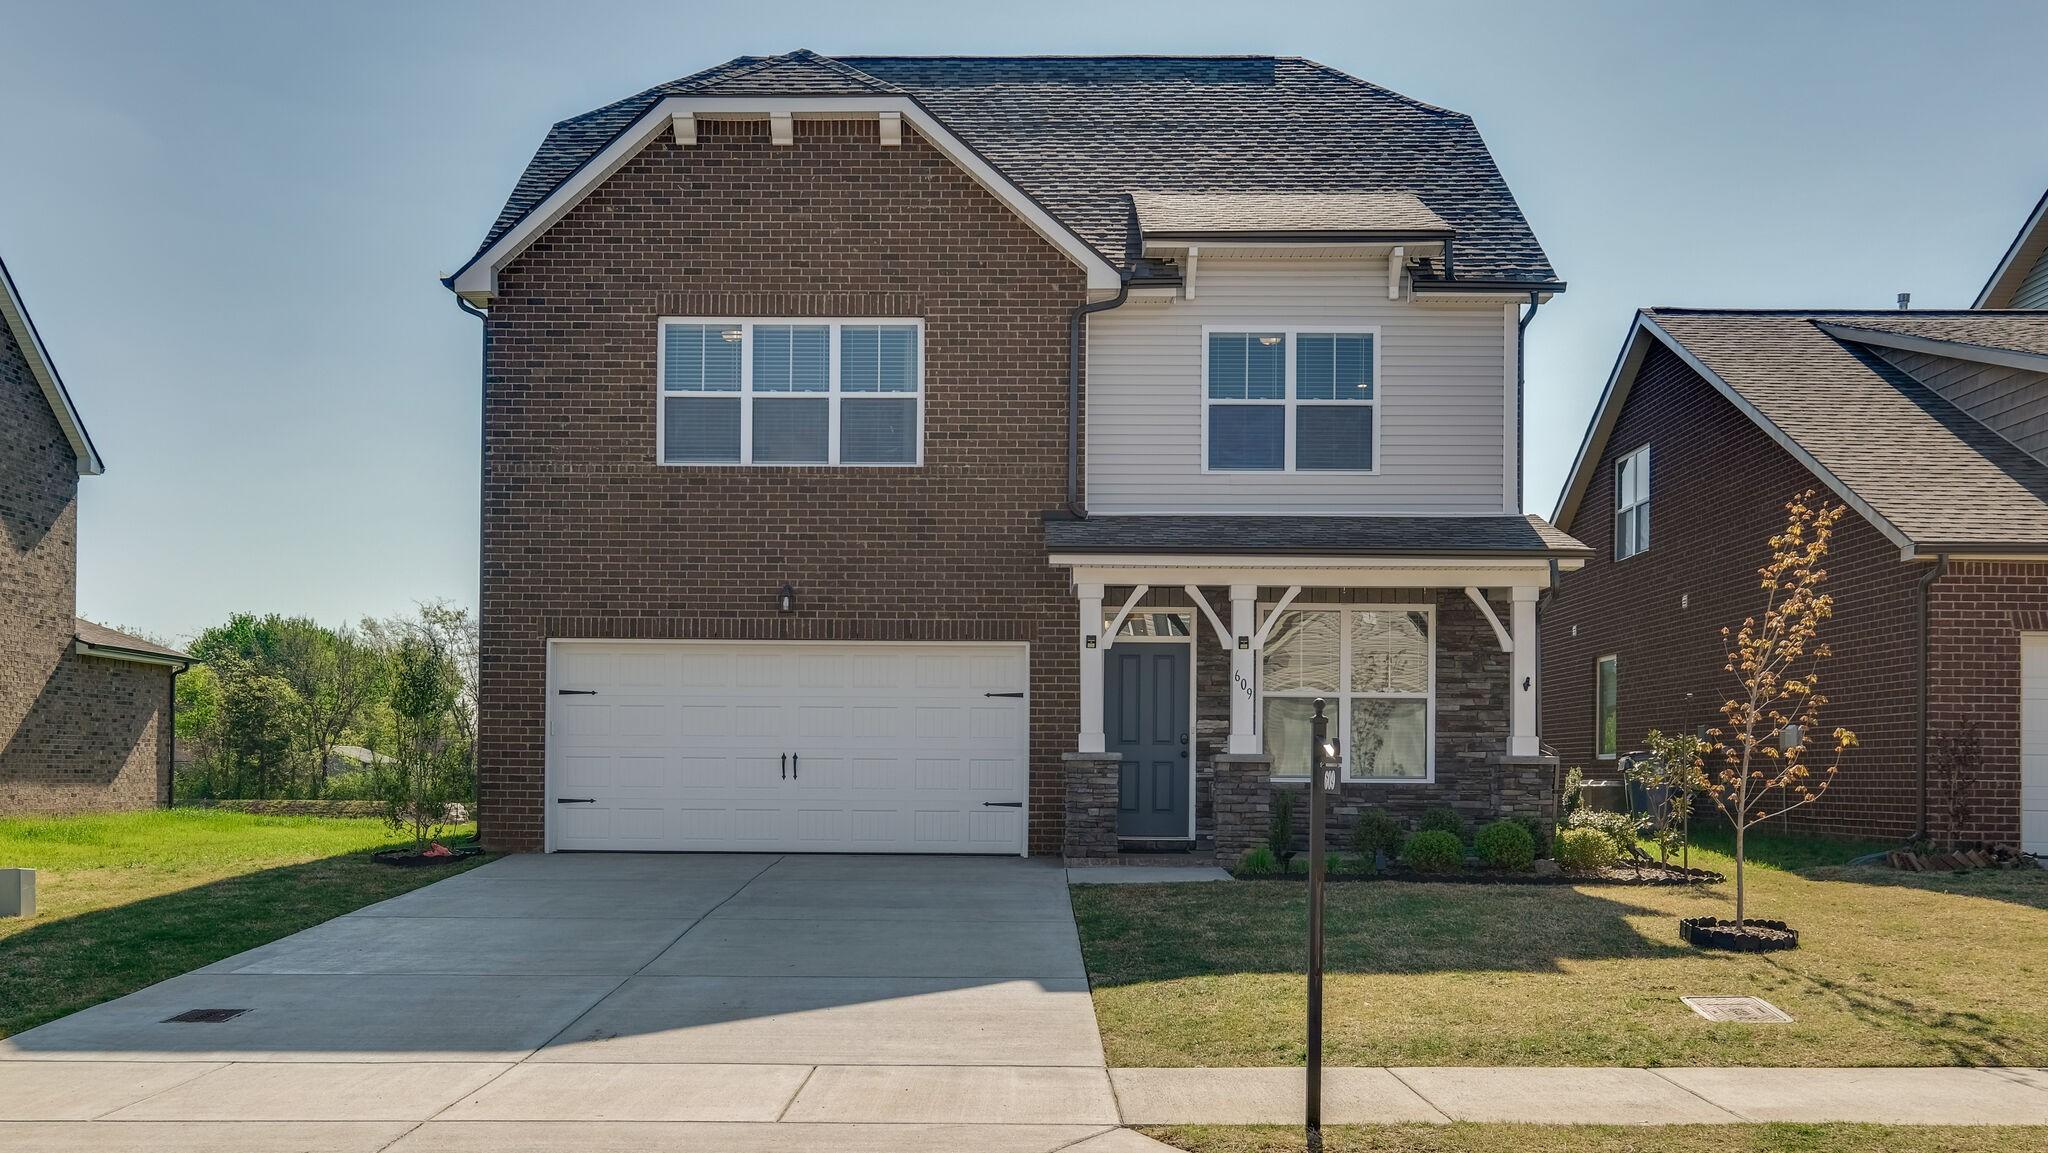 Amberton Sec 2 Real Estate Listings Main Image